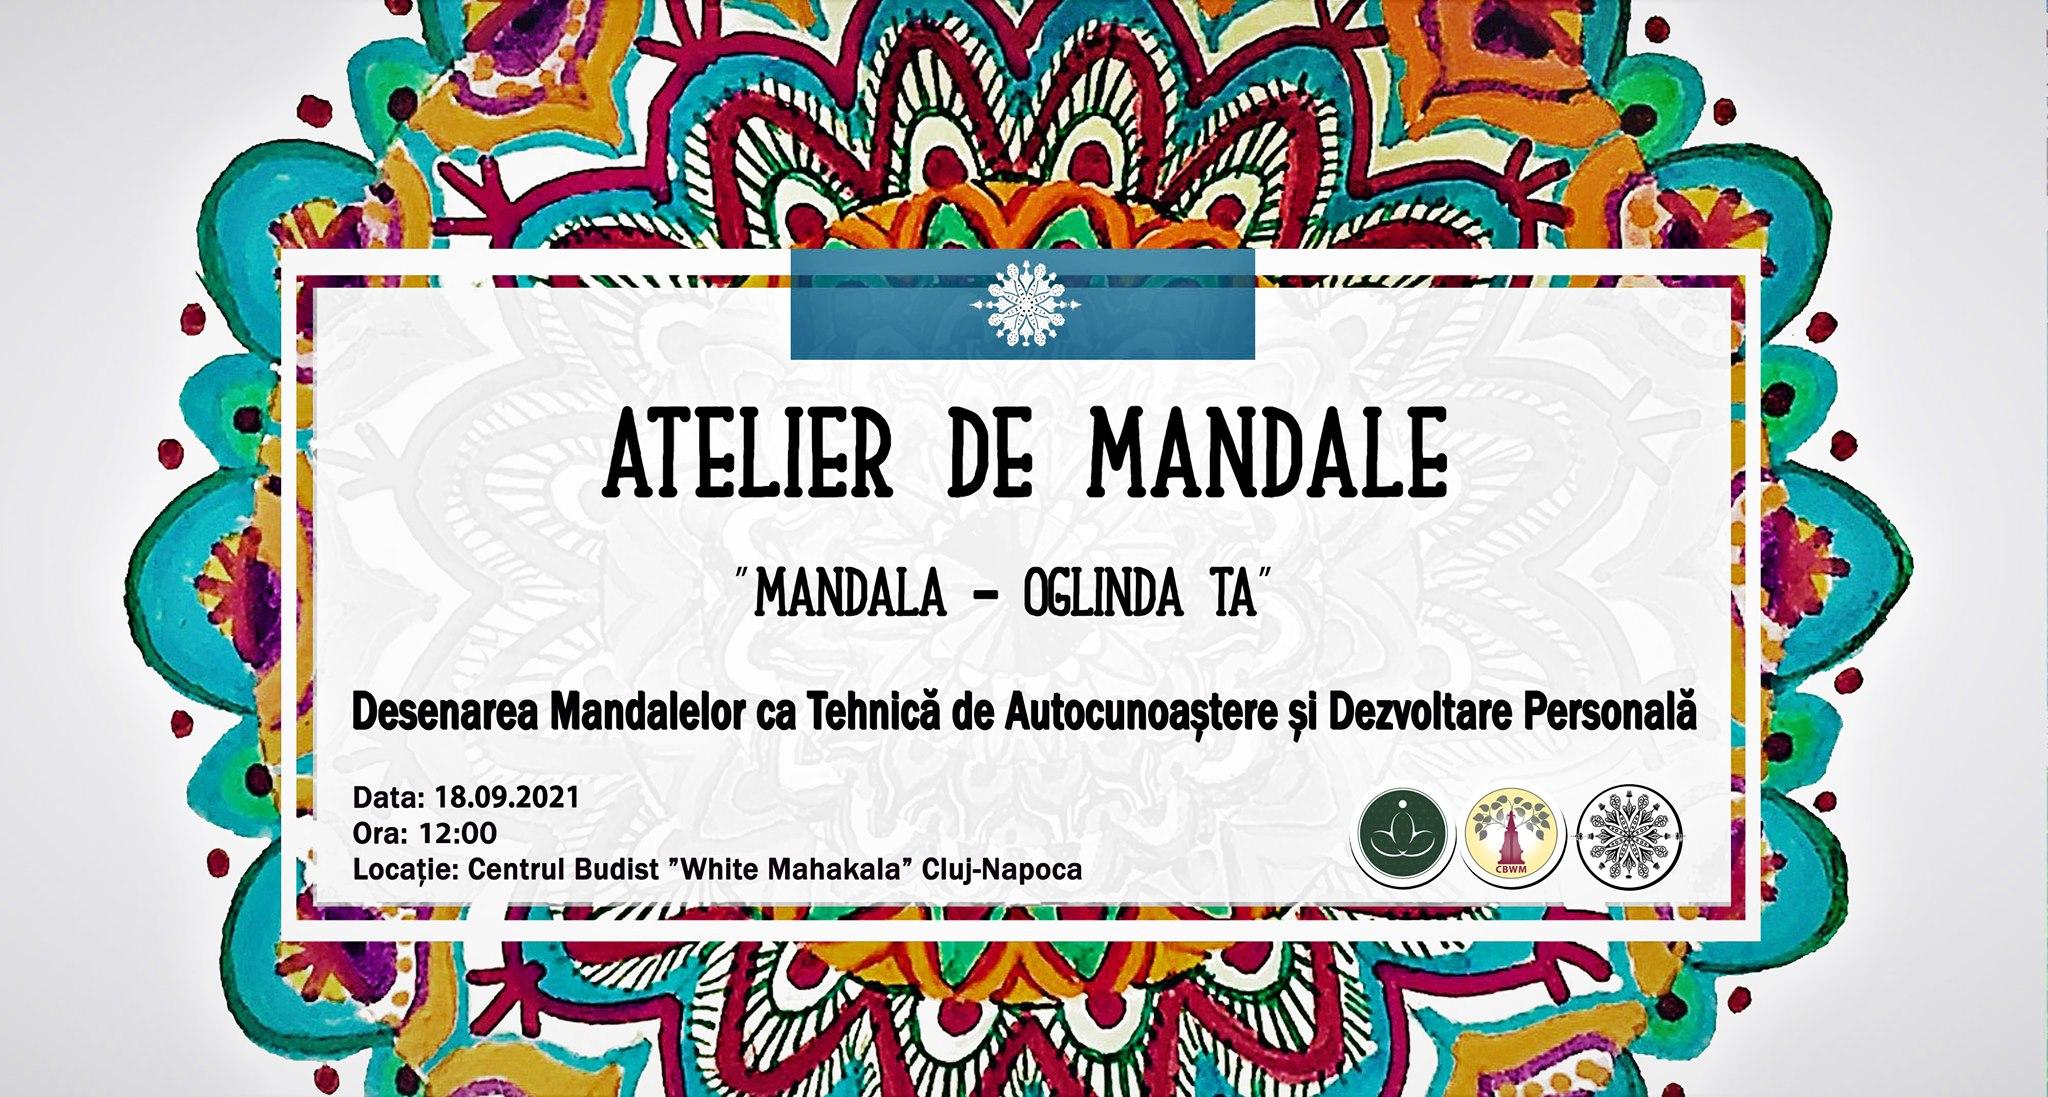 """ATELIER DE MANDALE """"Mandala – Oglinda ta""""  O tehnică de Autocunoaștere și Dezvoltare Personală"""